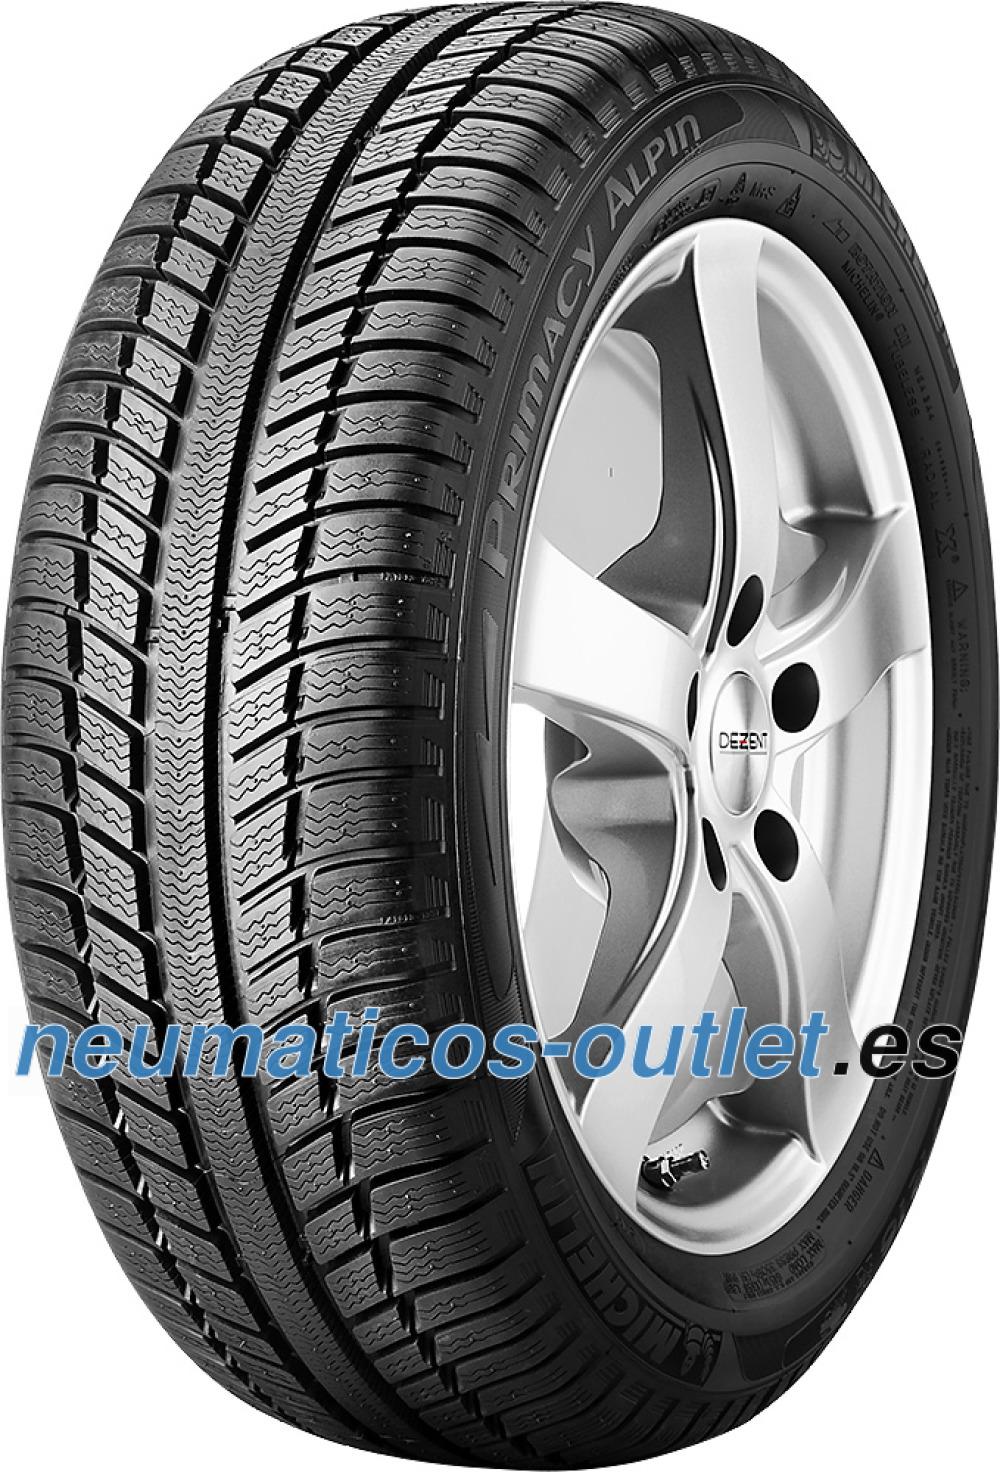 Michelin Primacy Alpin PA3 ( 225/55 R16 95H , con cordón de protección de llanta (FSL), MO, GRNX )